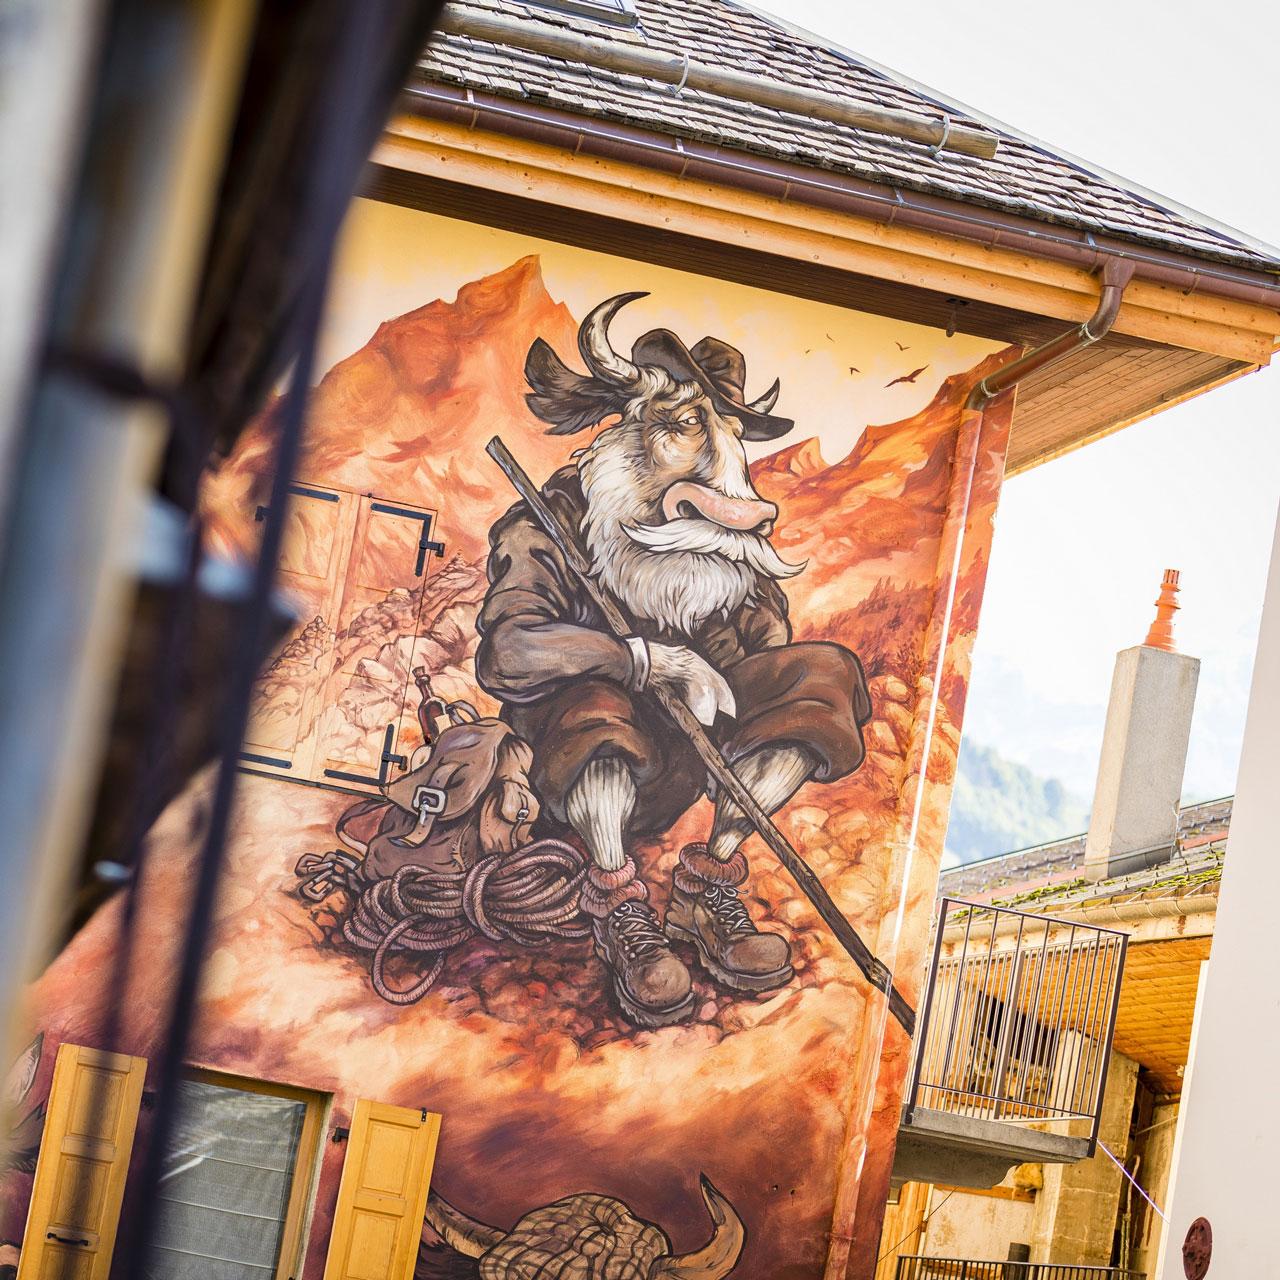 art-vache-le-grand-bornand-alpcat-medias-171928-1-224235-231660 - © © C. Cattin - Alpcat Médias